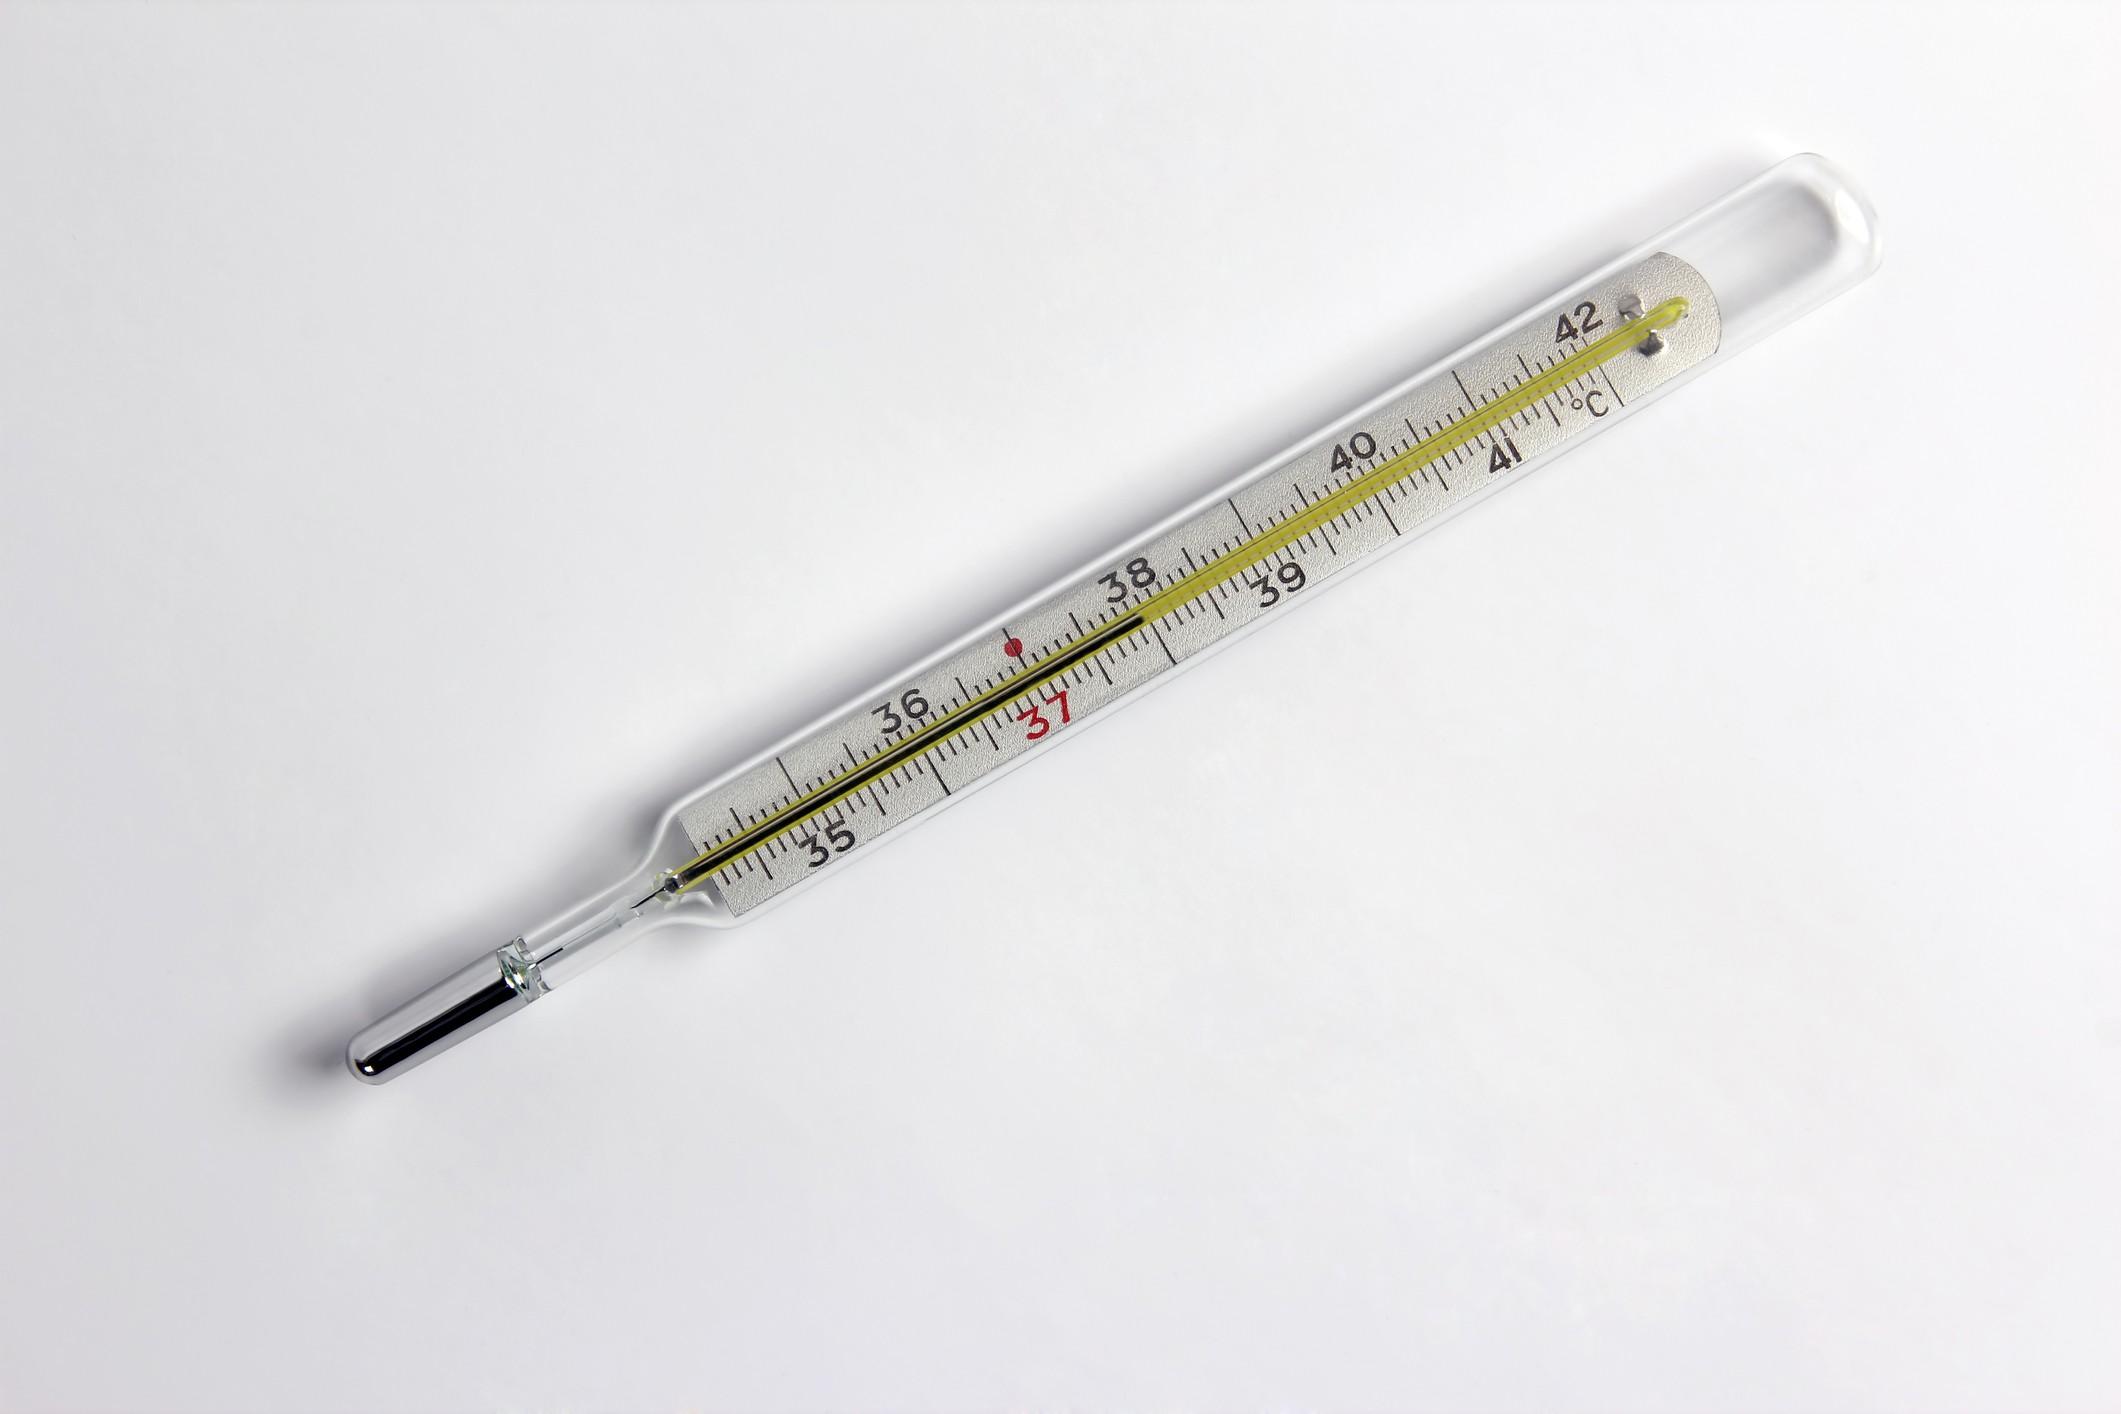 Termômetro com coluna de mercúrio (Foto: Thinkstock)